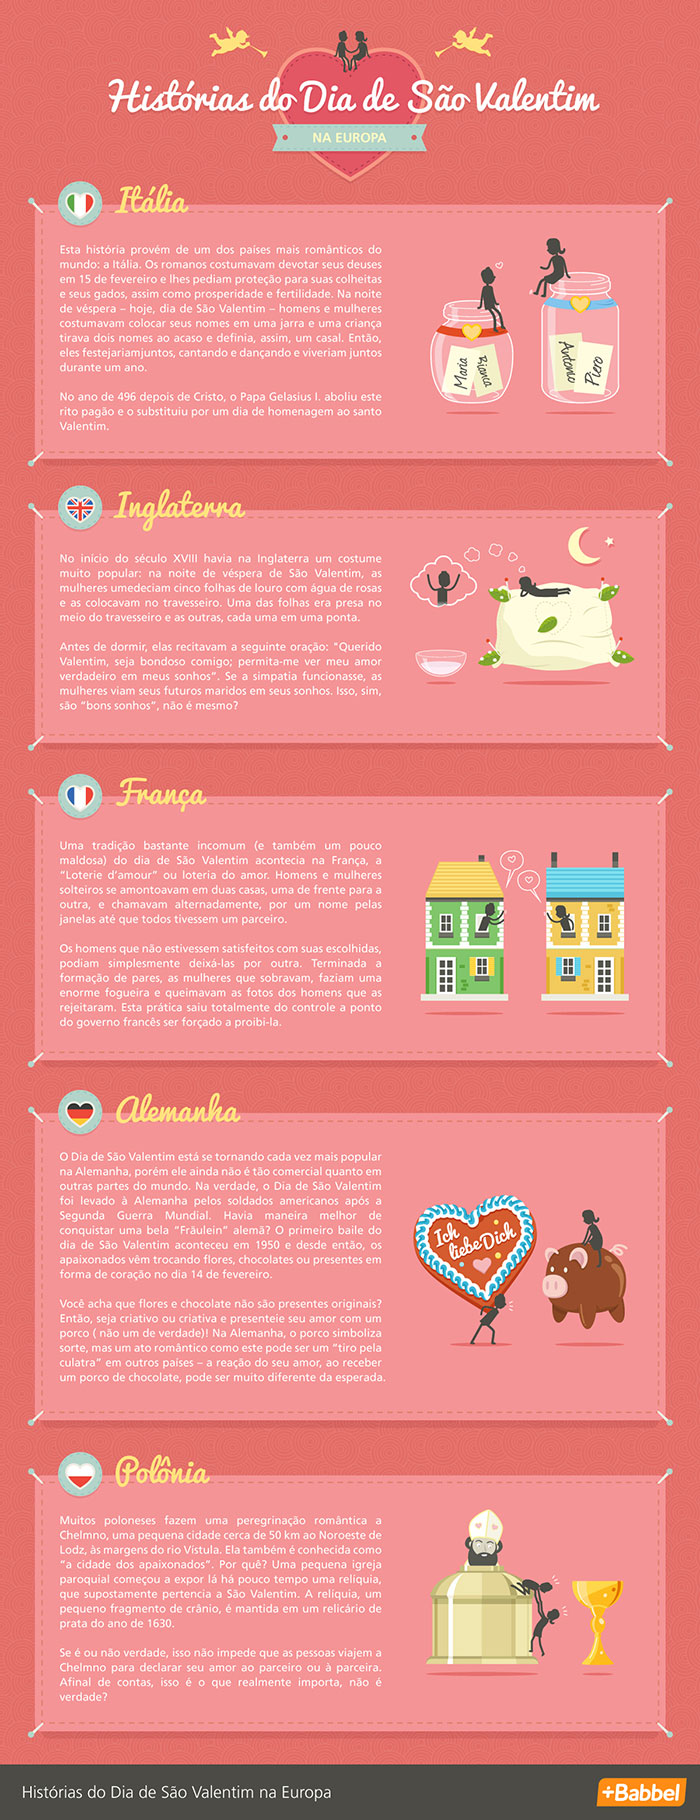 Histórias do Dia de São Valentim na Europa